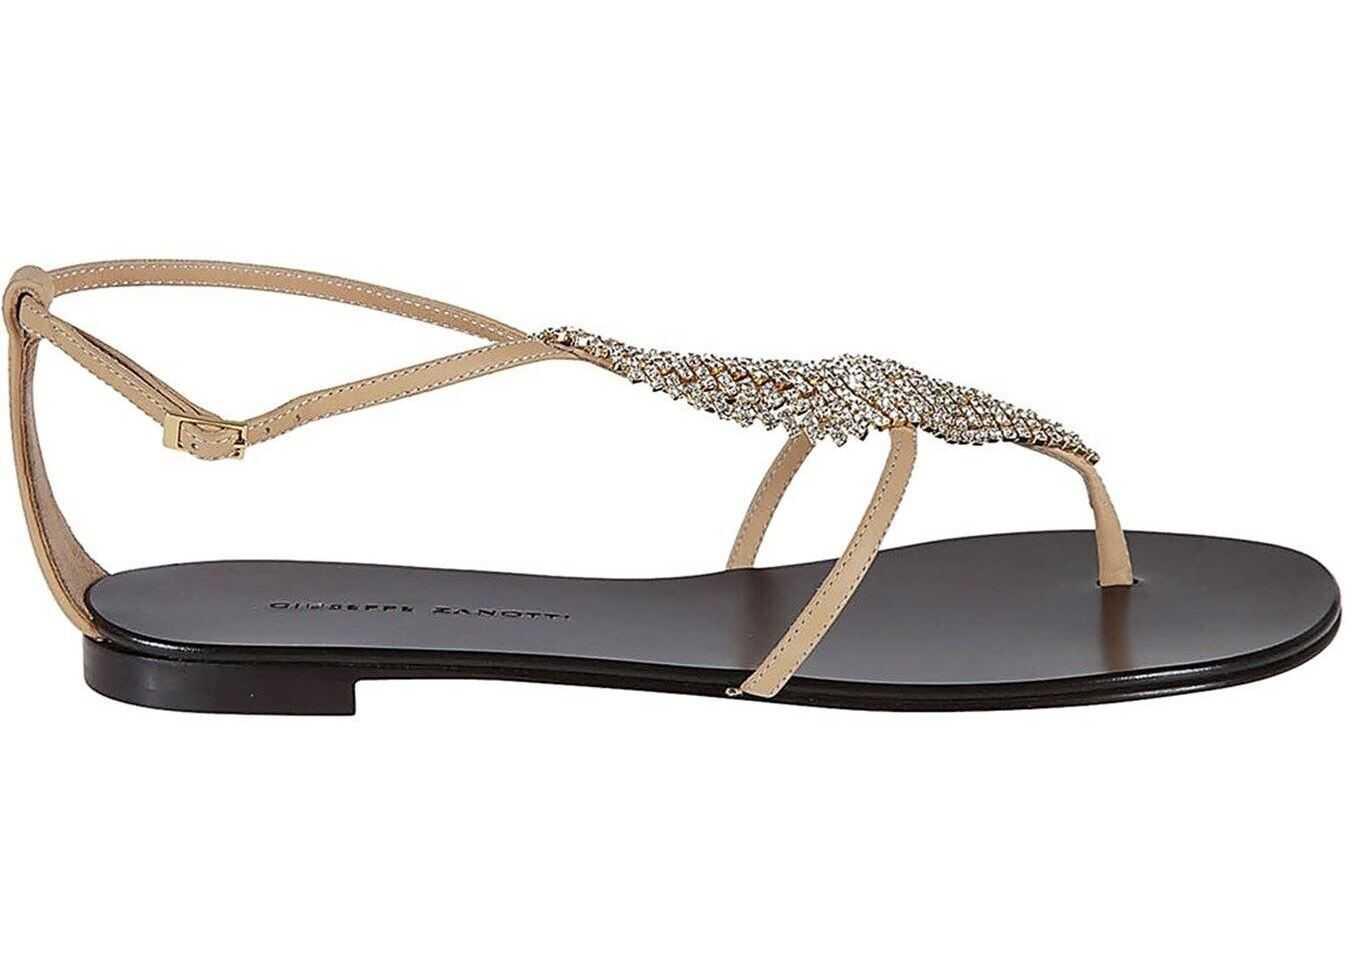 Giuseppe Zanotti Josie Crystals Embellished Sandals Beige